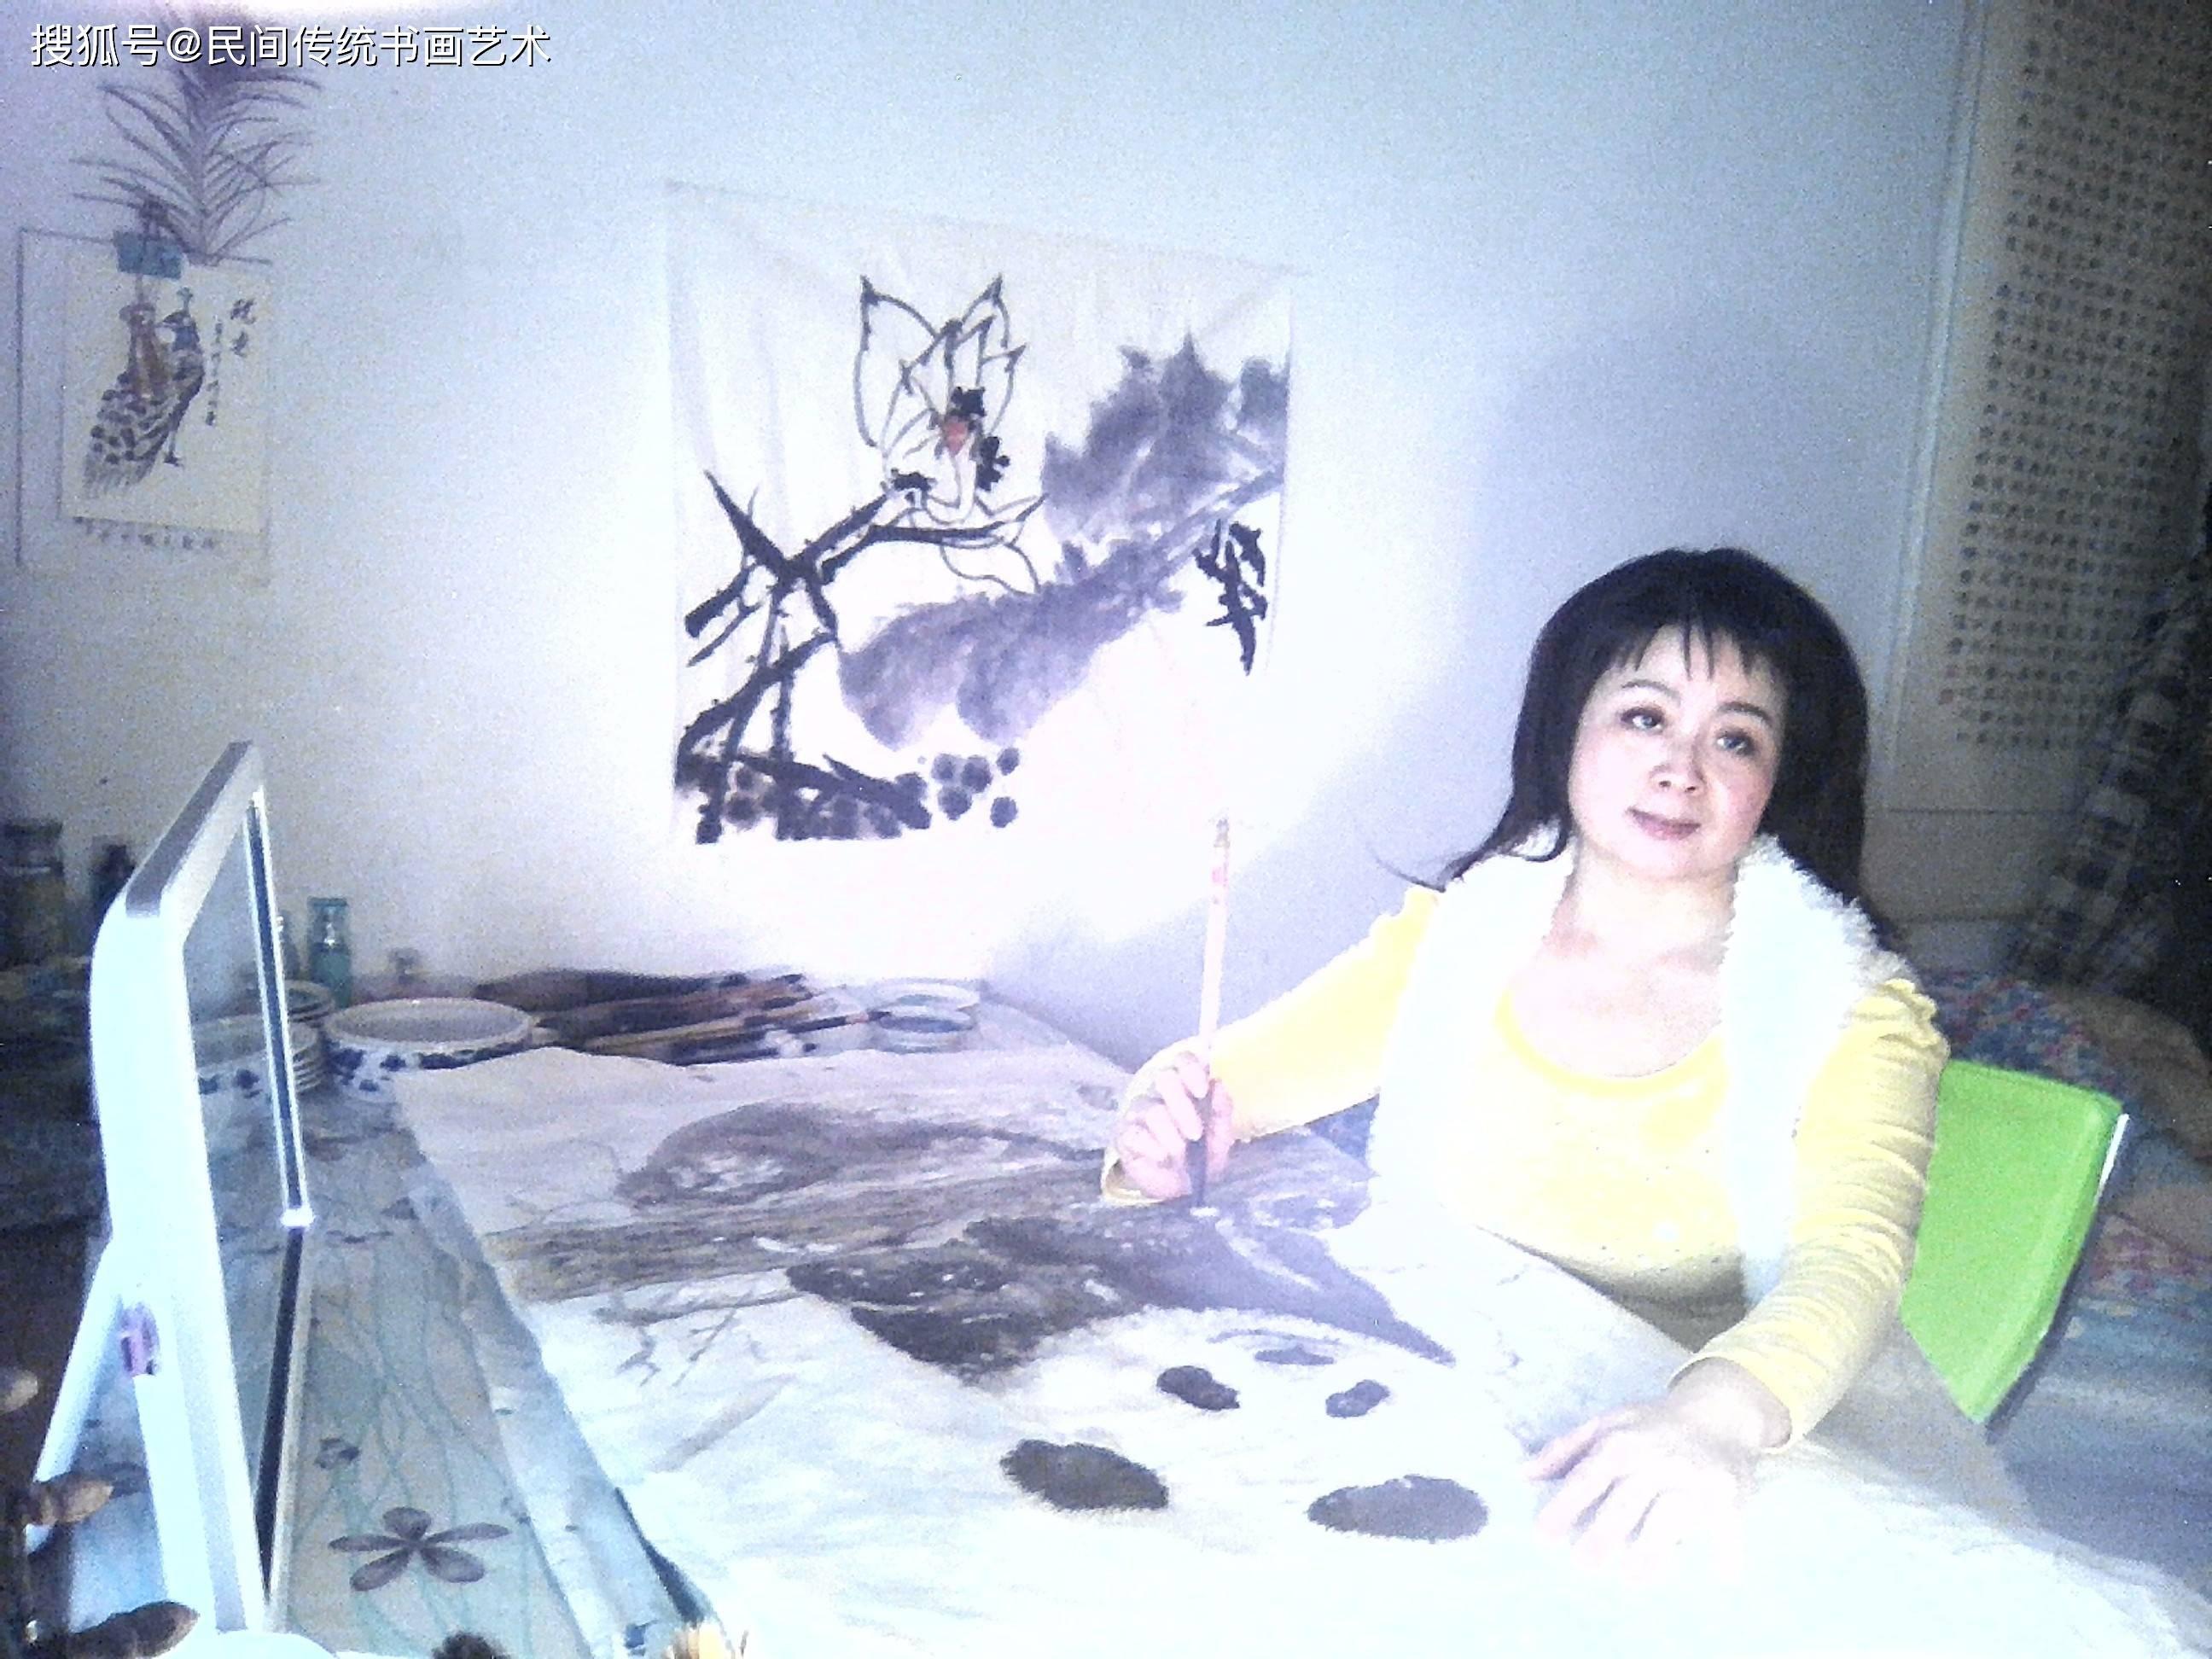 贾倩倩——人物绘画艺术的独特风格